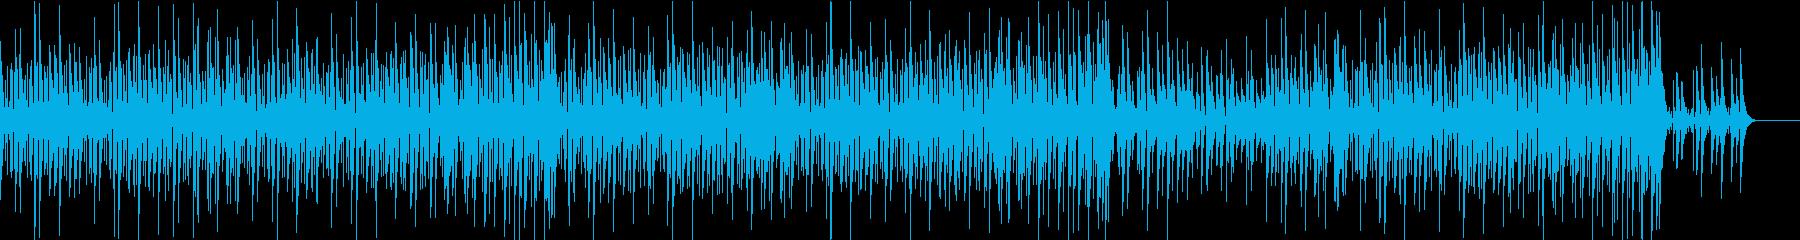 エレガントで心地よいジャズの再生済みの波形